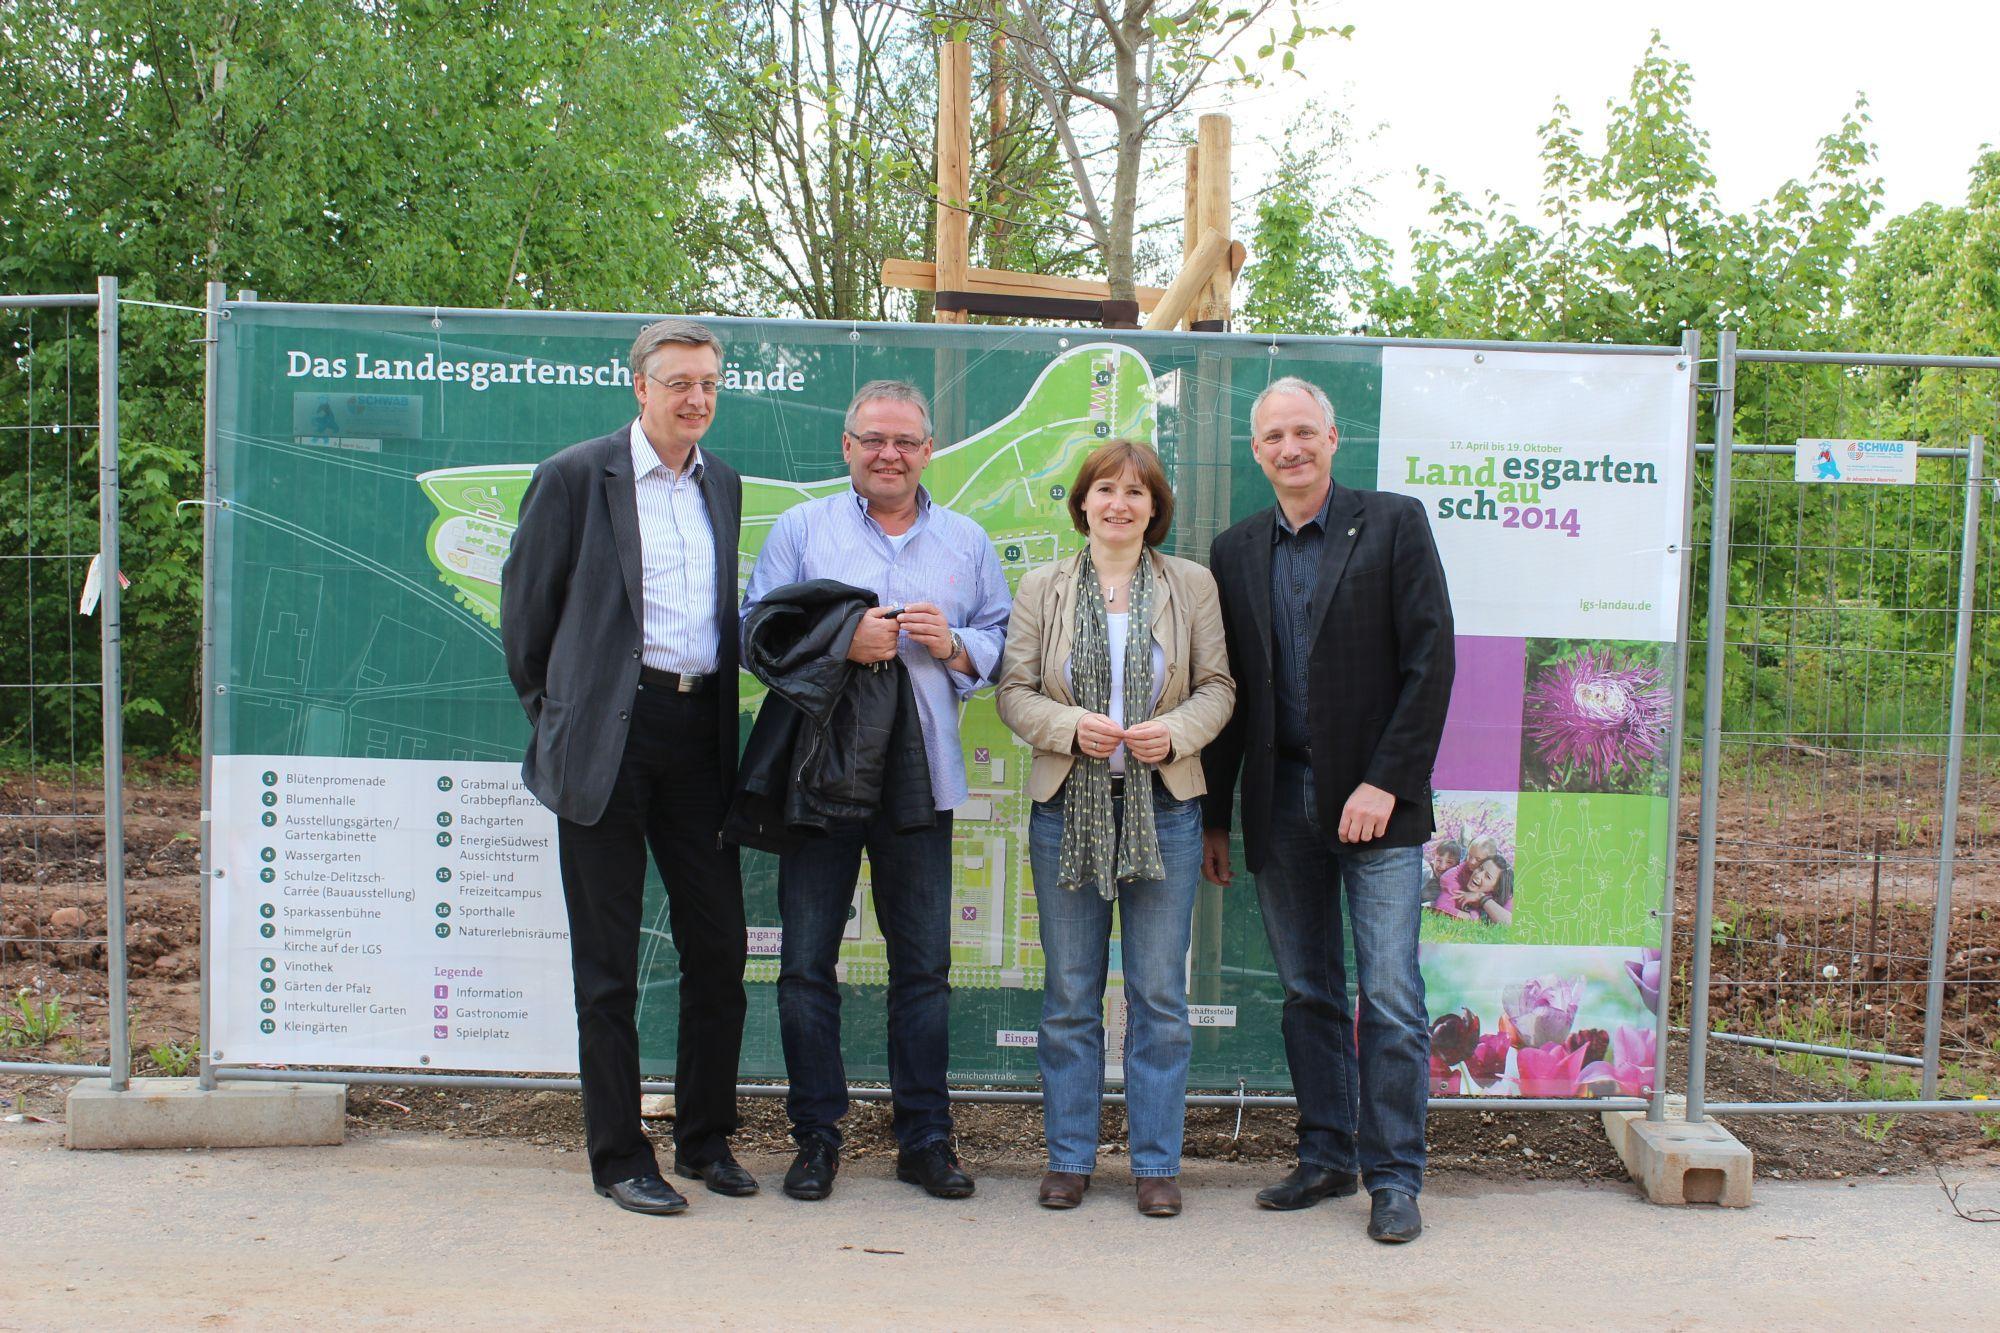 Landesgartenschau landau arbeitet eng mit touristikern der - Landesgartenschau landau ...